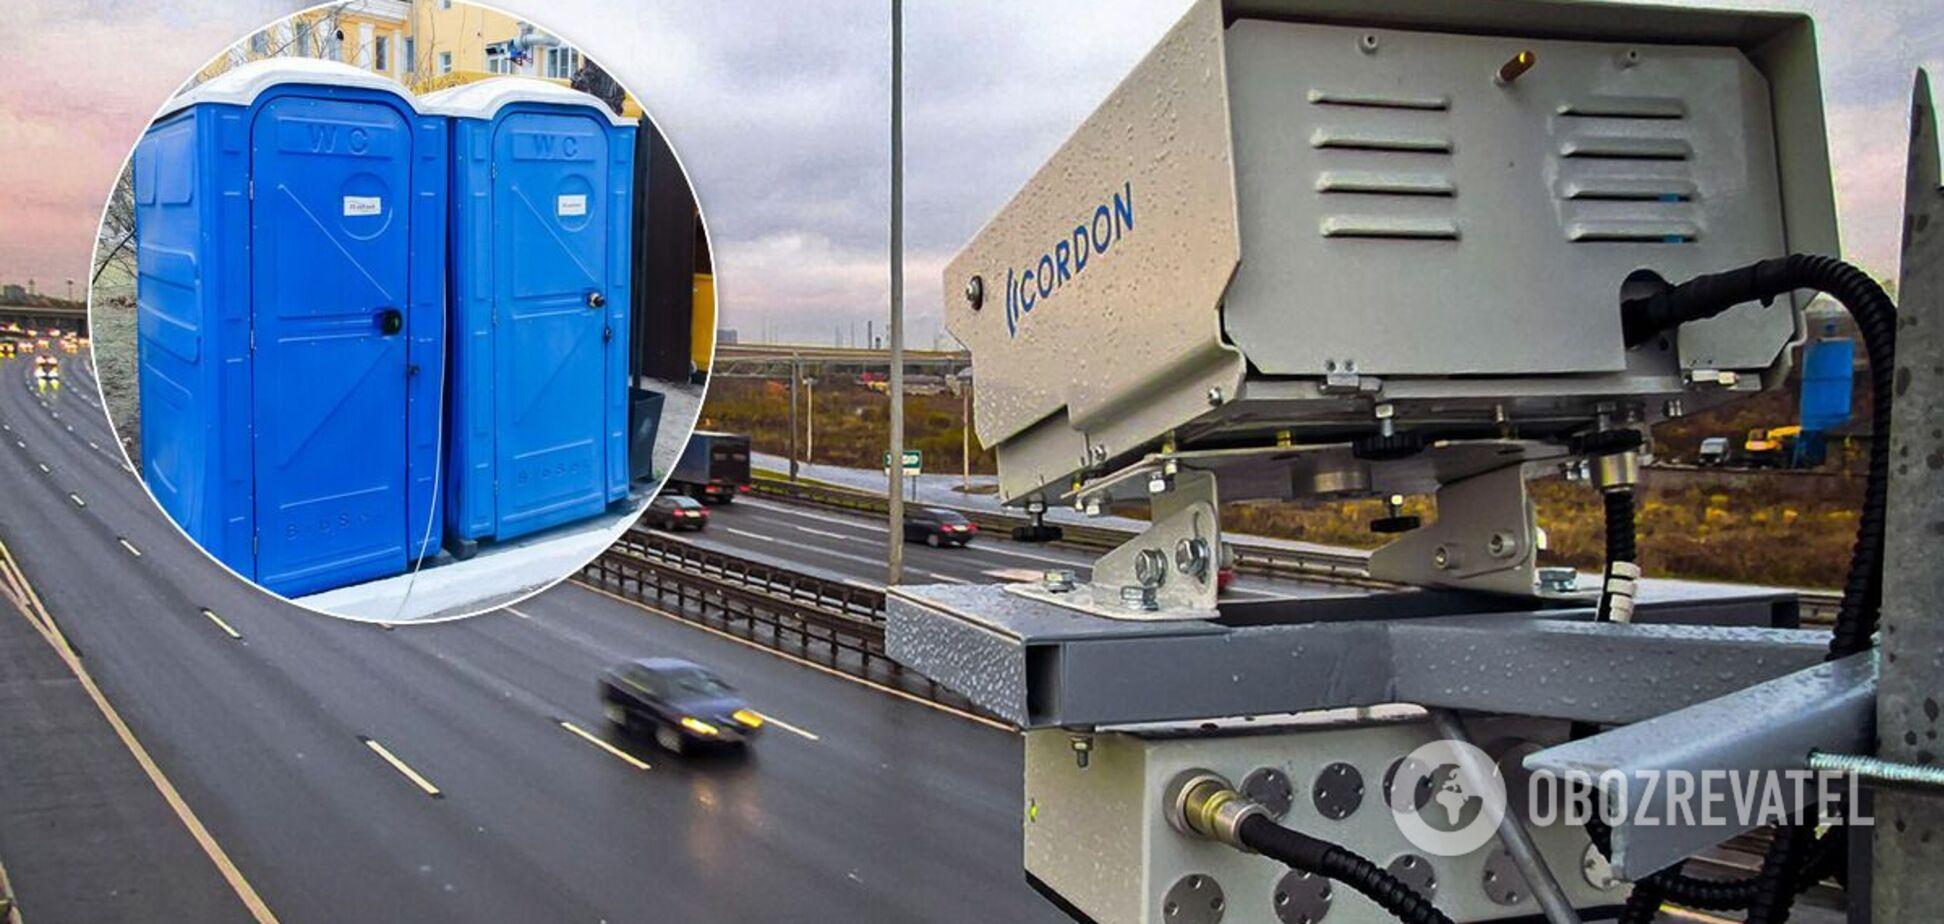 Полиция замаскировала камеру контроля скорости под кабину биотуалета